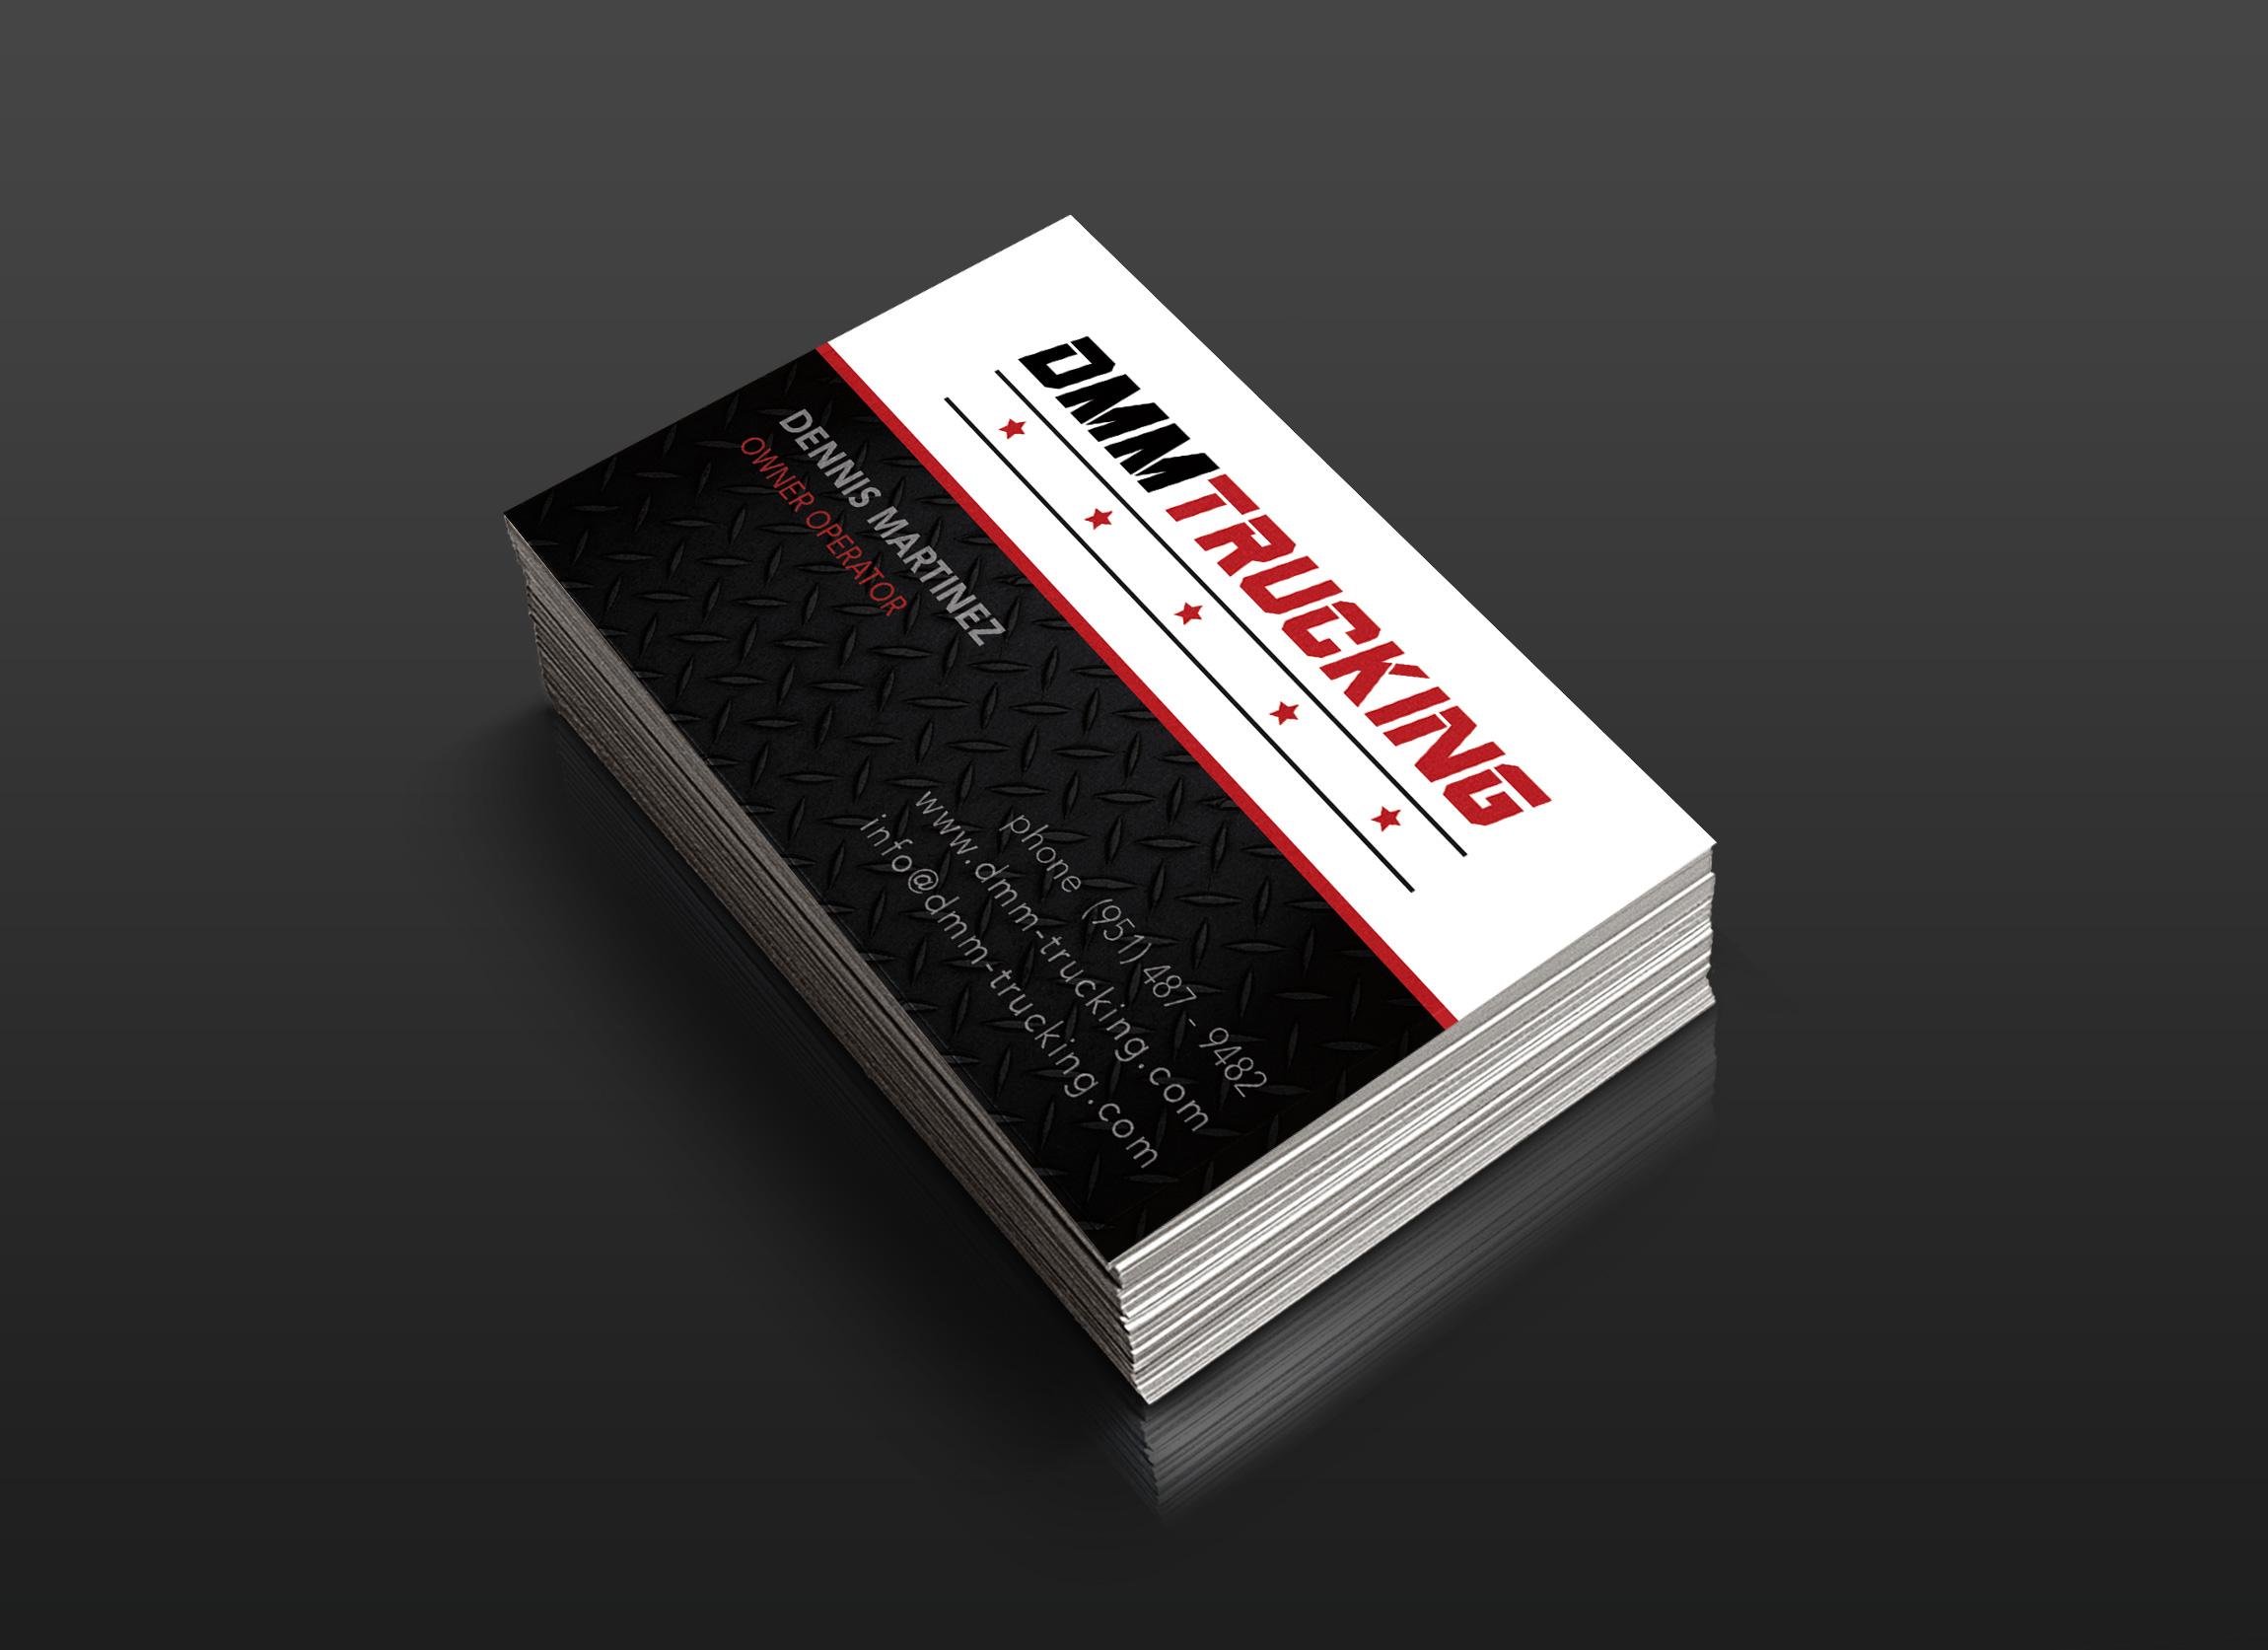 DMM-Trucking-Business-Card-Mock-Up.jpg